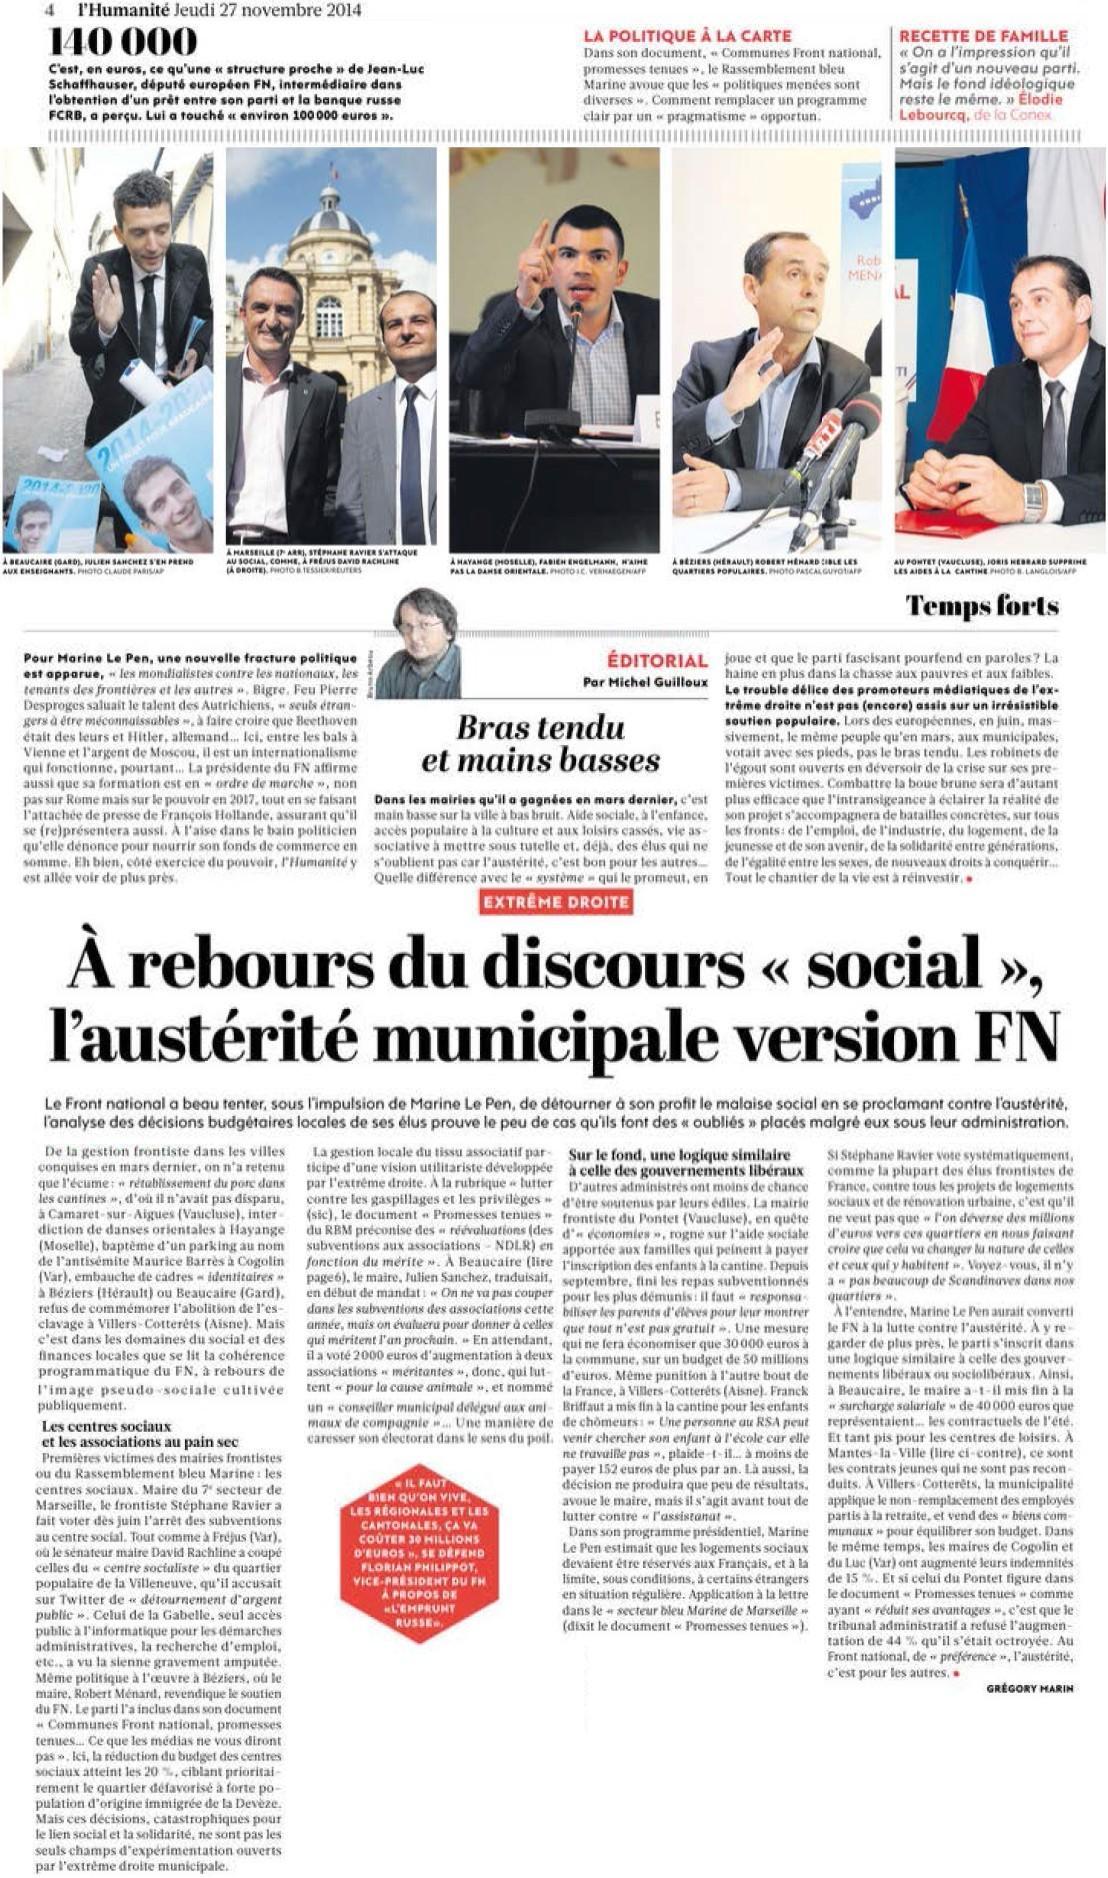 Marine Le Pen décroche les millions russes + Le salut fasciste de l'argentier de Marine Le Pen + Au FN, rien ne change + Front National : l'insulte aux Lyonnais (Parti de Gauche) + Discours social du Front National : la grande escroquerie (Humanité) 14112812311717936712746117